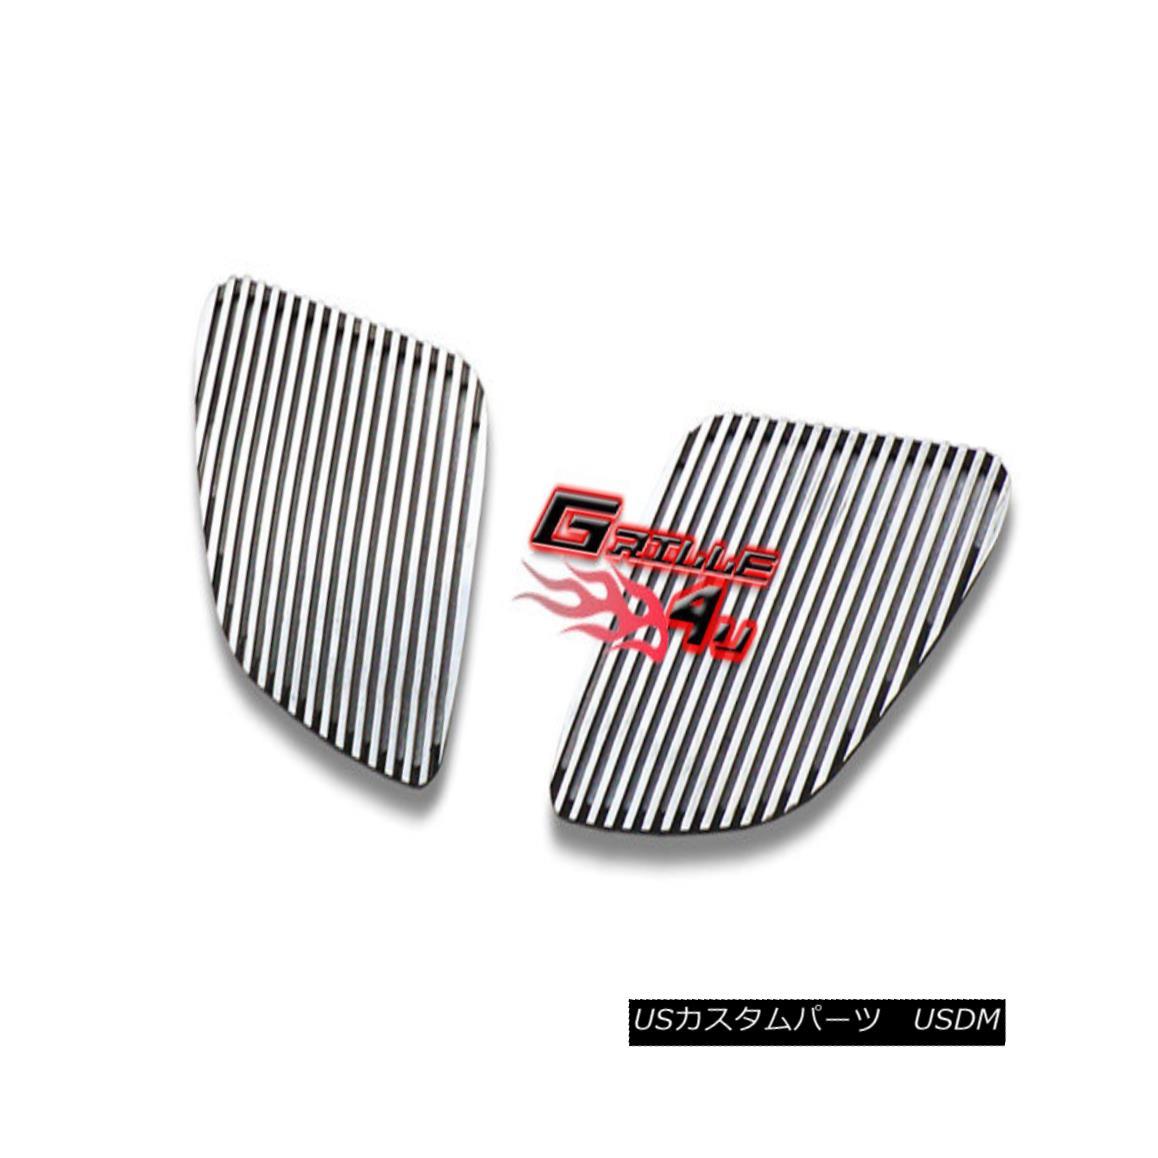 グリル Customized For 05-08 Pontiac G6 Perimeter Premium Grille Insert 05-08ポンティアックG6ペリメータープレミアムグリルインサート用にカスタマイズ